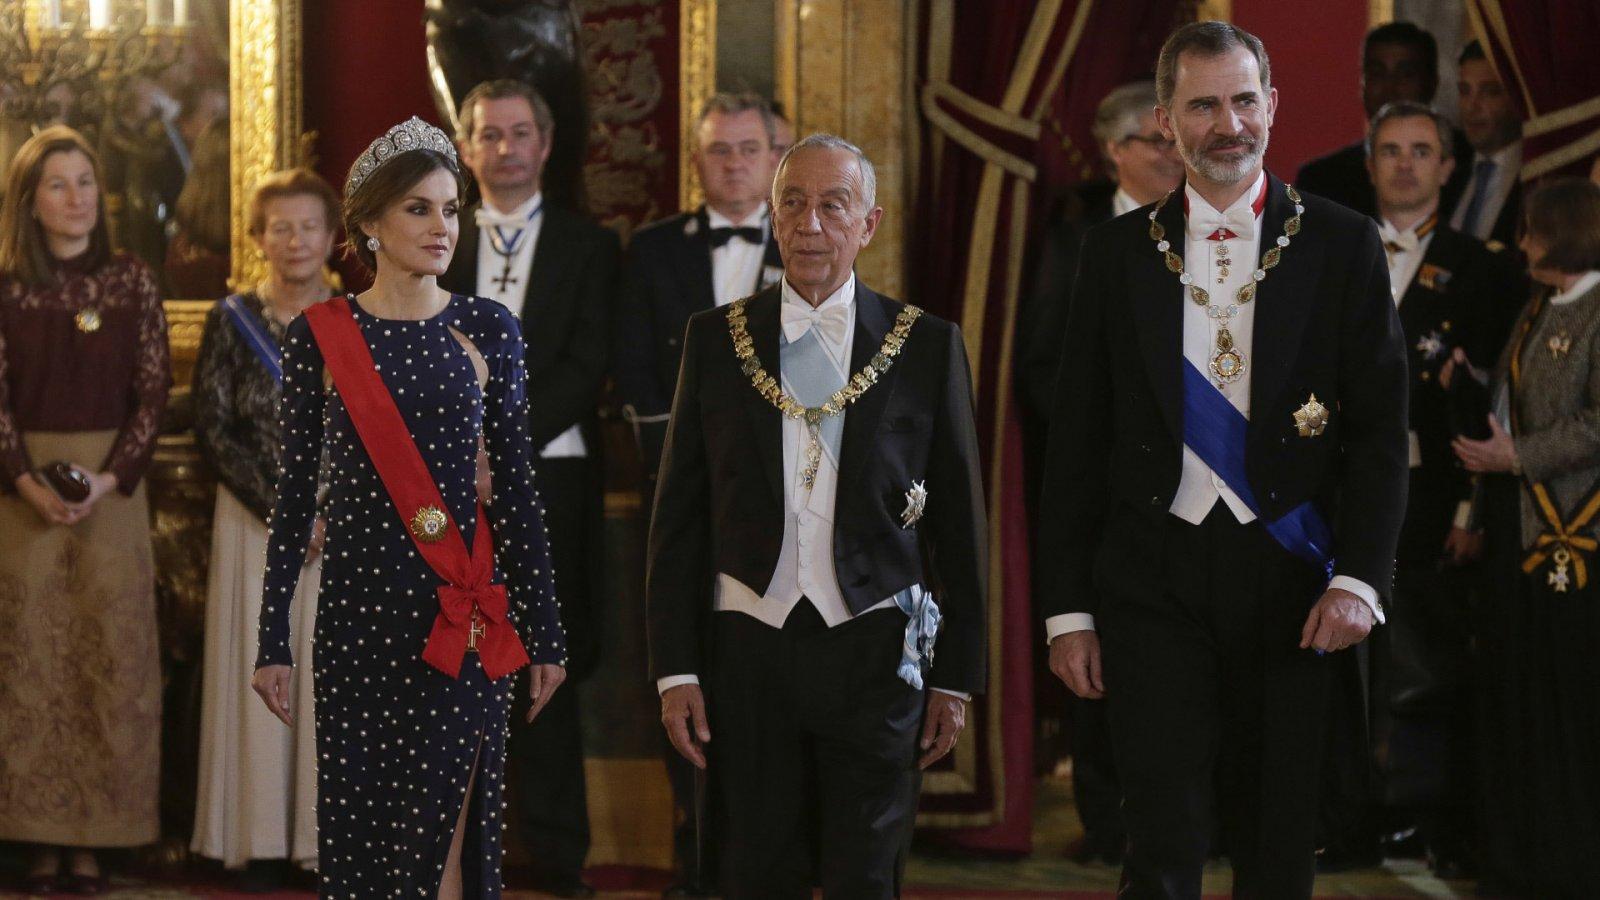 Los reyes de España junto al presidente de la República Portuguesa, Marcelo Rebelo de Sousa